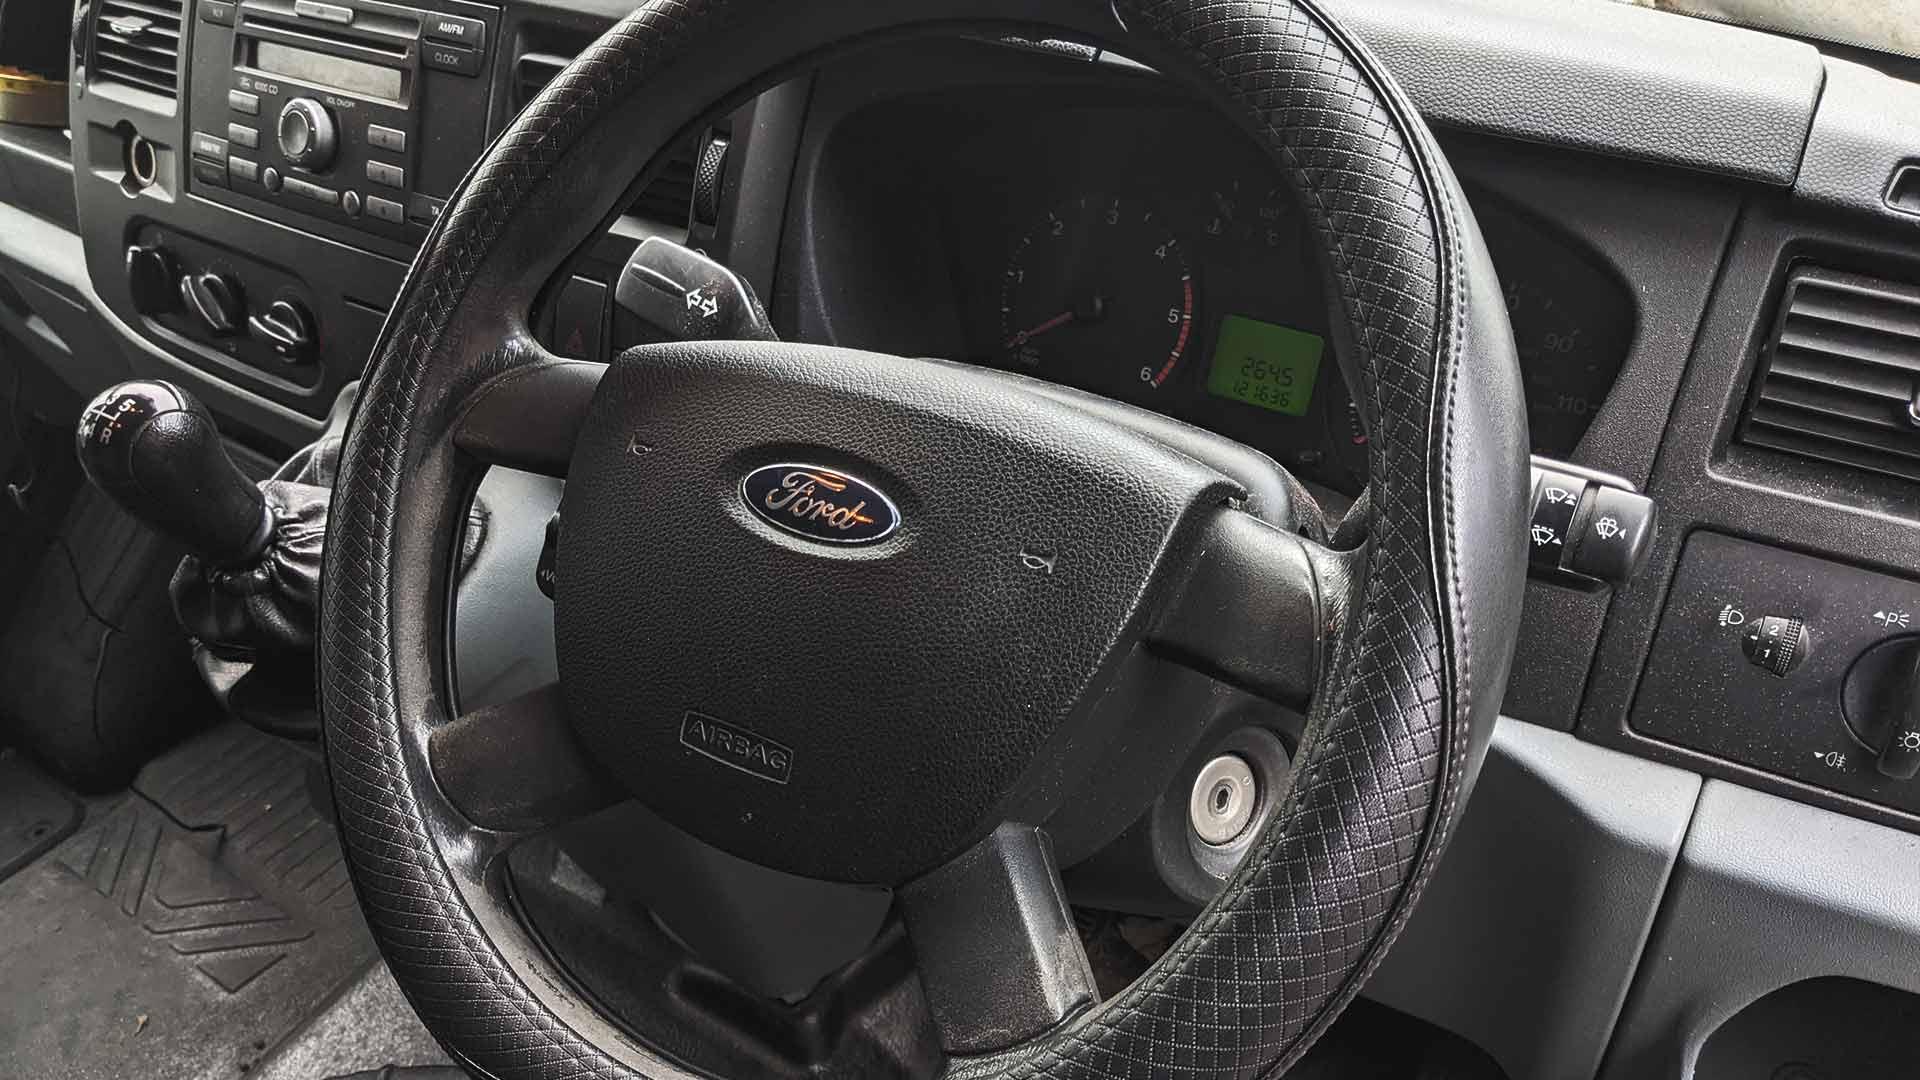 van steering wheel lock